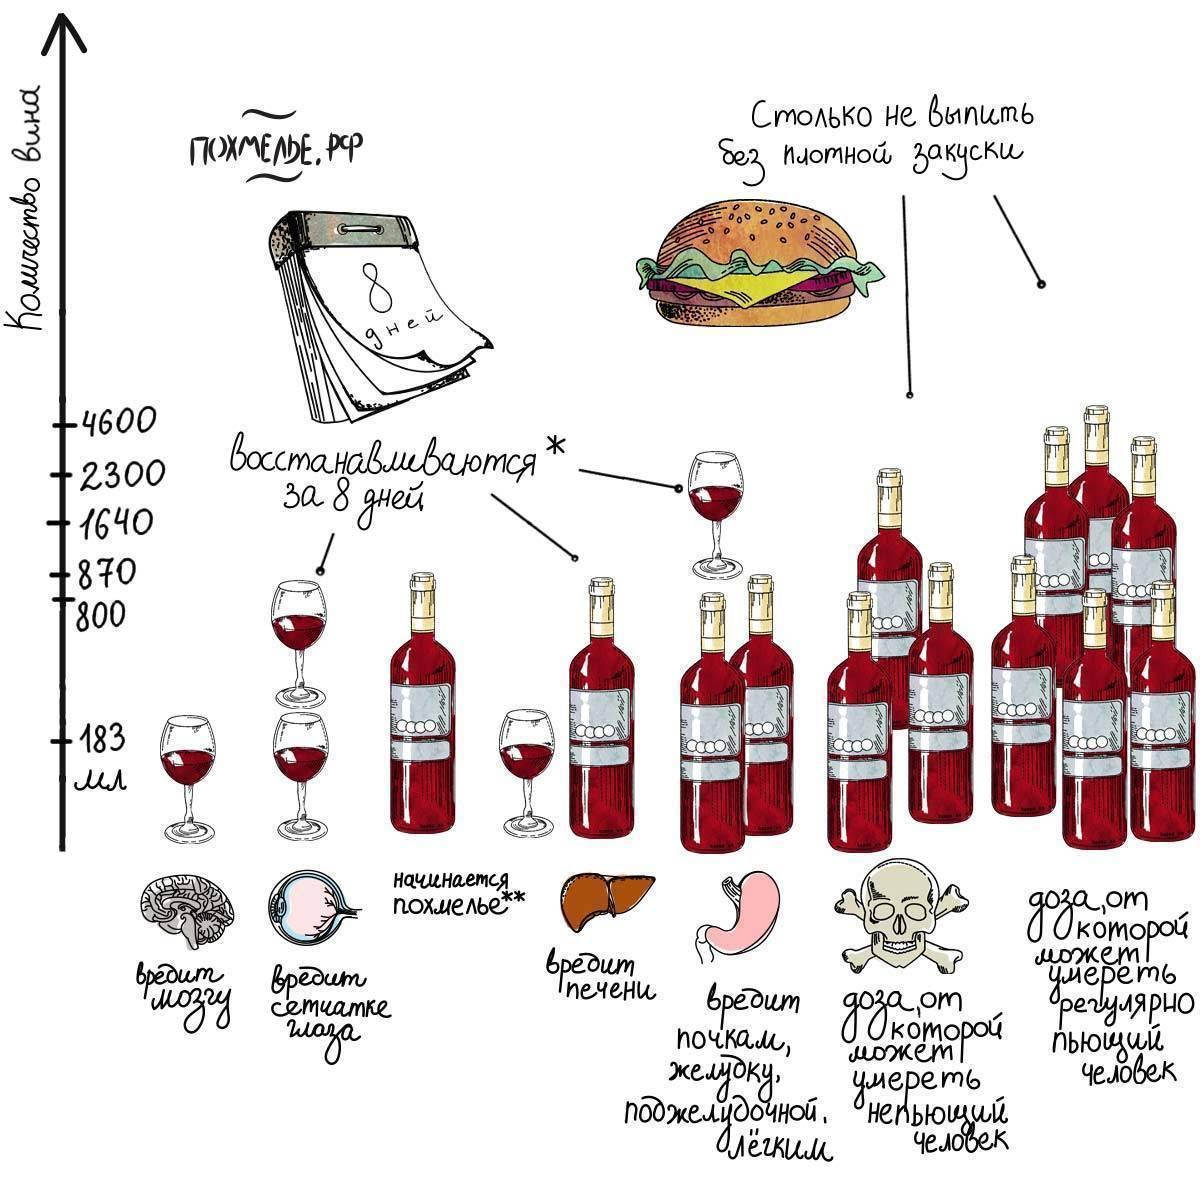 Изменения в организме по дням и месяцам после отказа от алкоголя